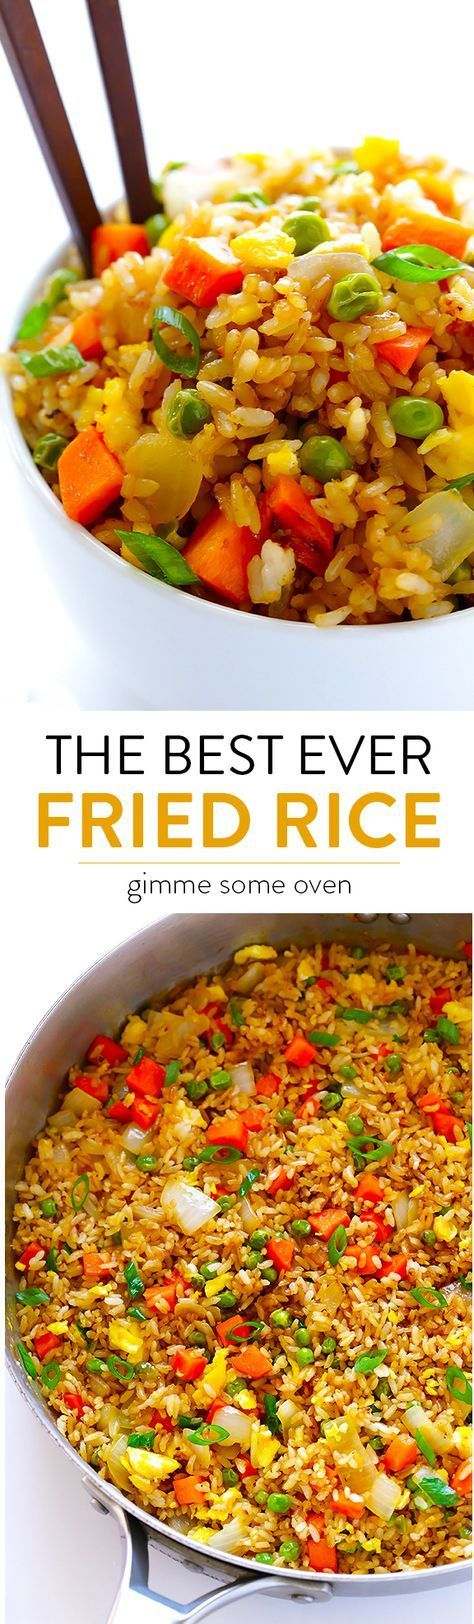 [ Pinterest: @ndeyepins ] Riz frit mieux que celui du restaurant, en plus c'est facile et rapide à faire. Vous êtes libre d'y ajouter du poulet, des crevettes ou du porc si vous voulez. | gimmesomeoven.com